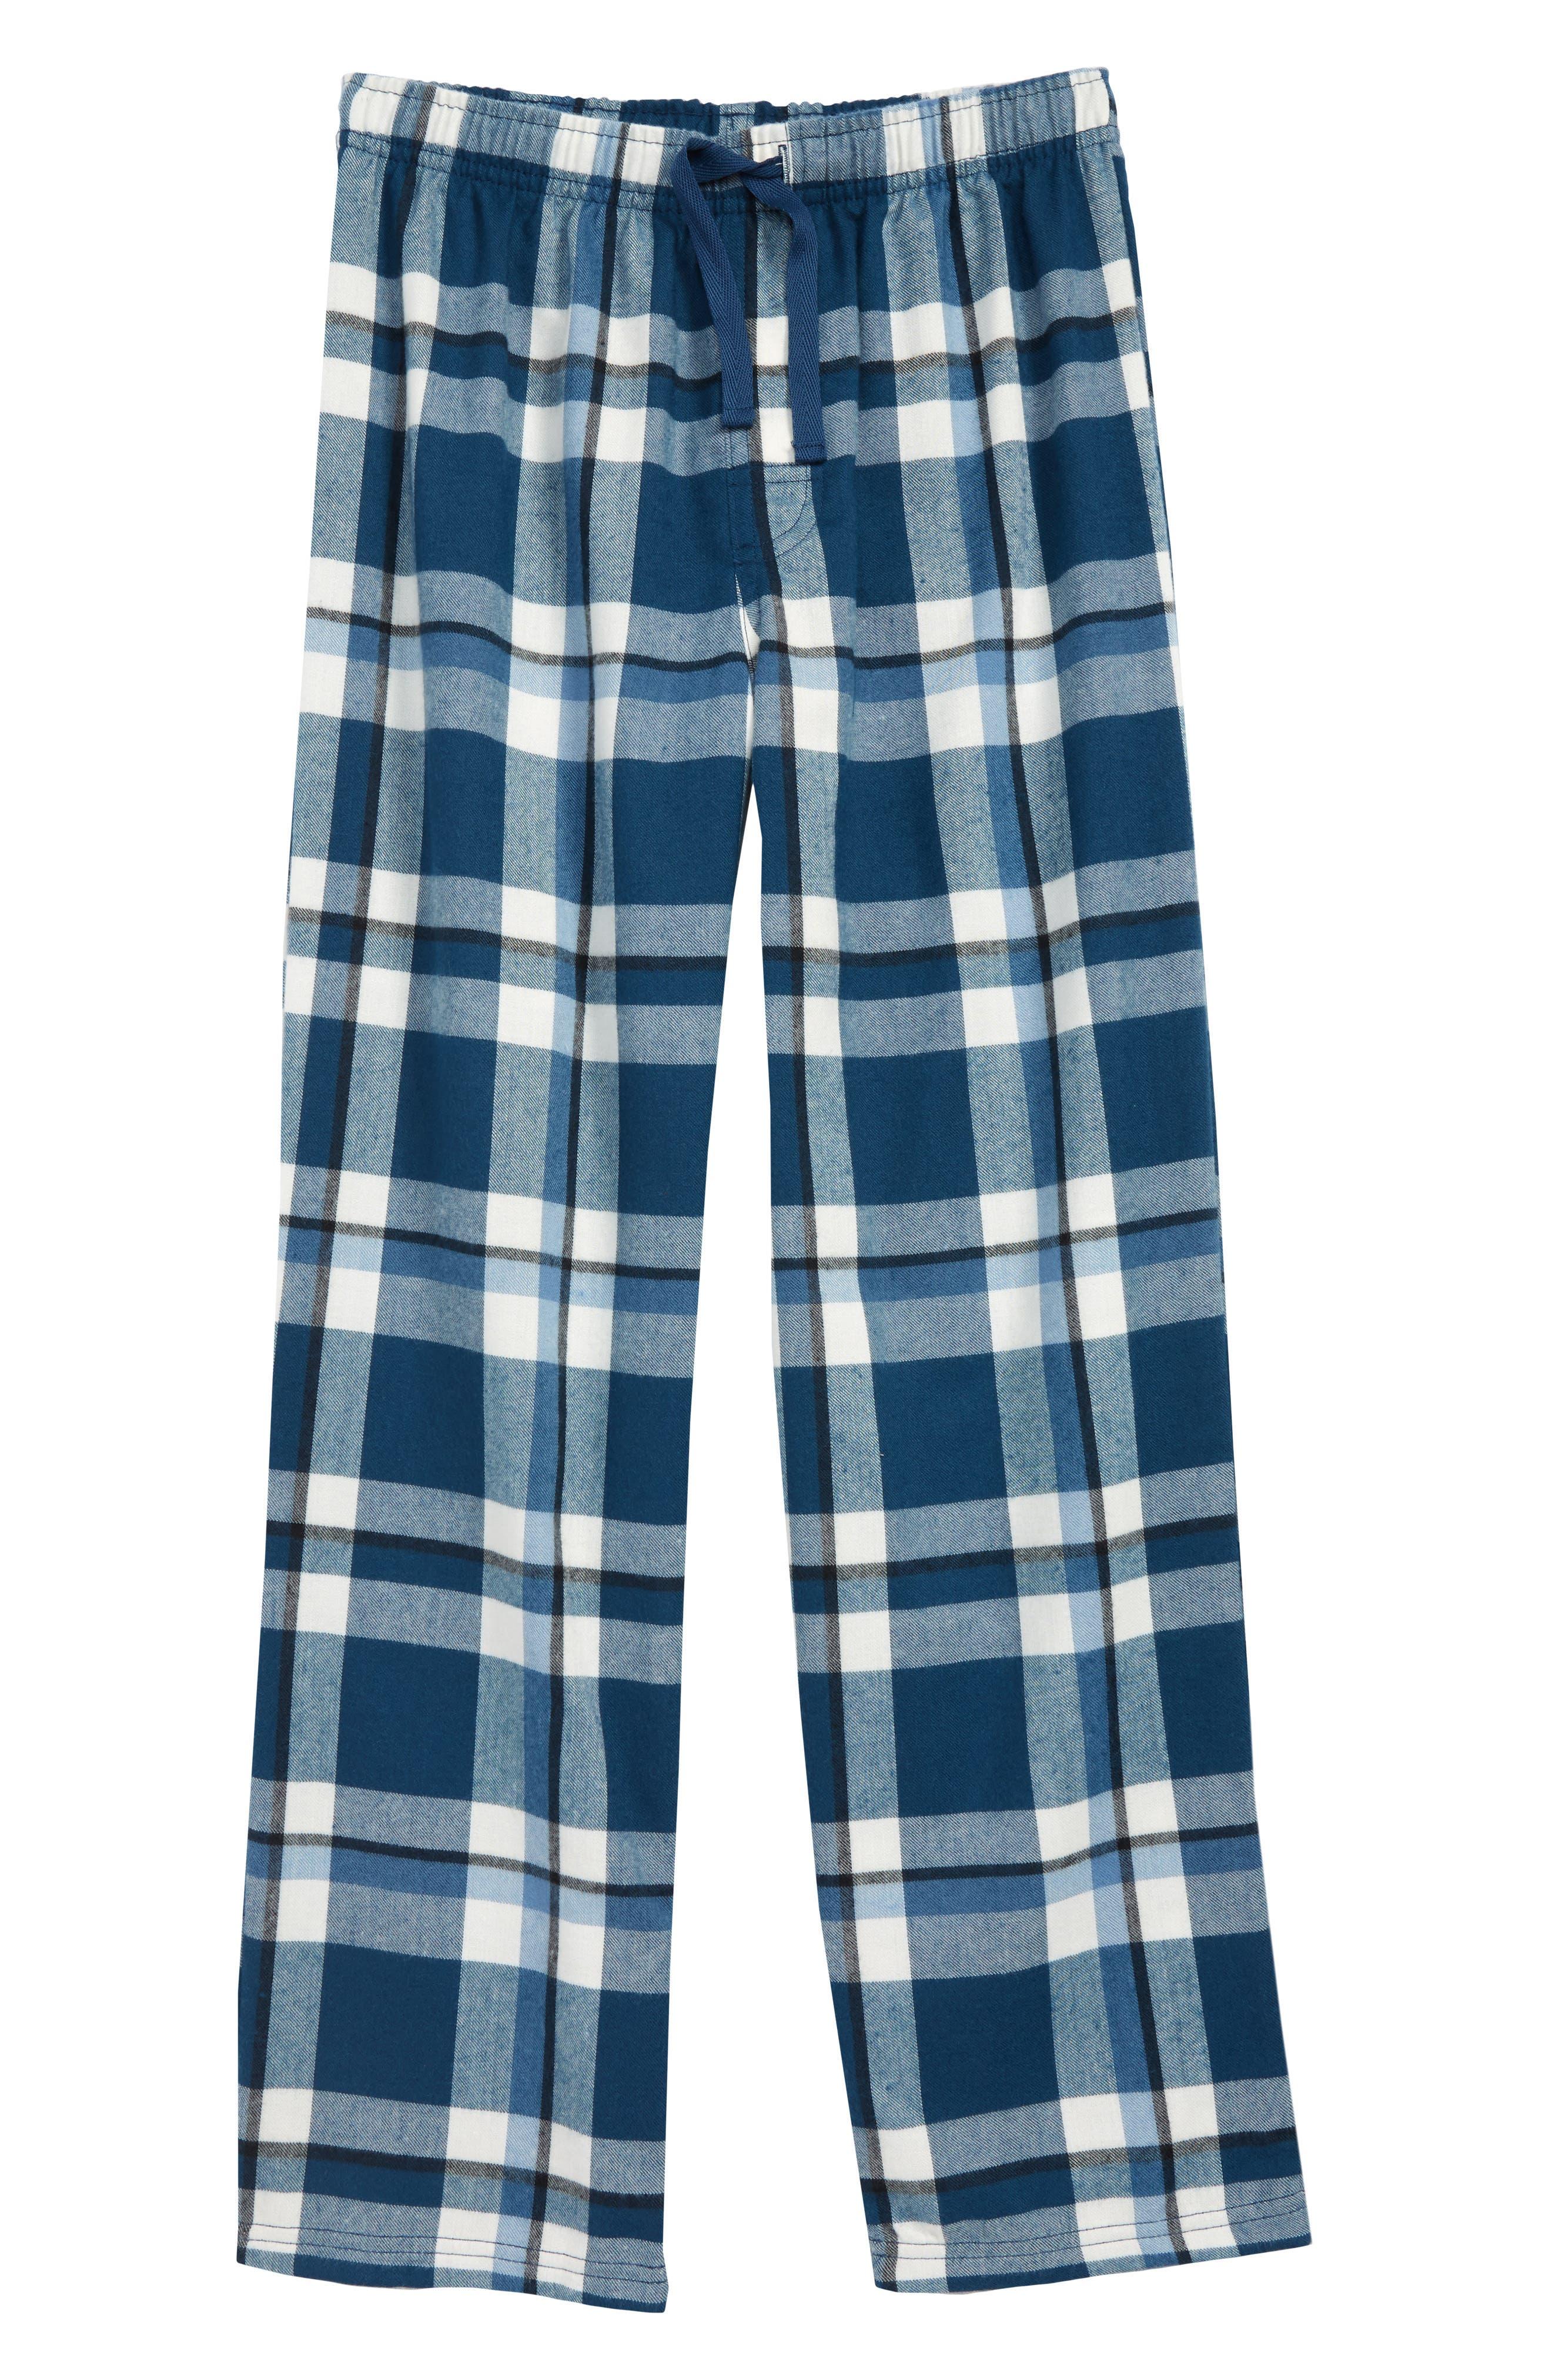 Plaid Flannel Pants,                         Main,                         color, BLUE WING- IVORY PLAID